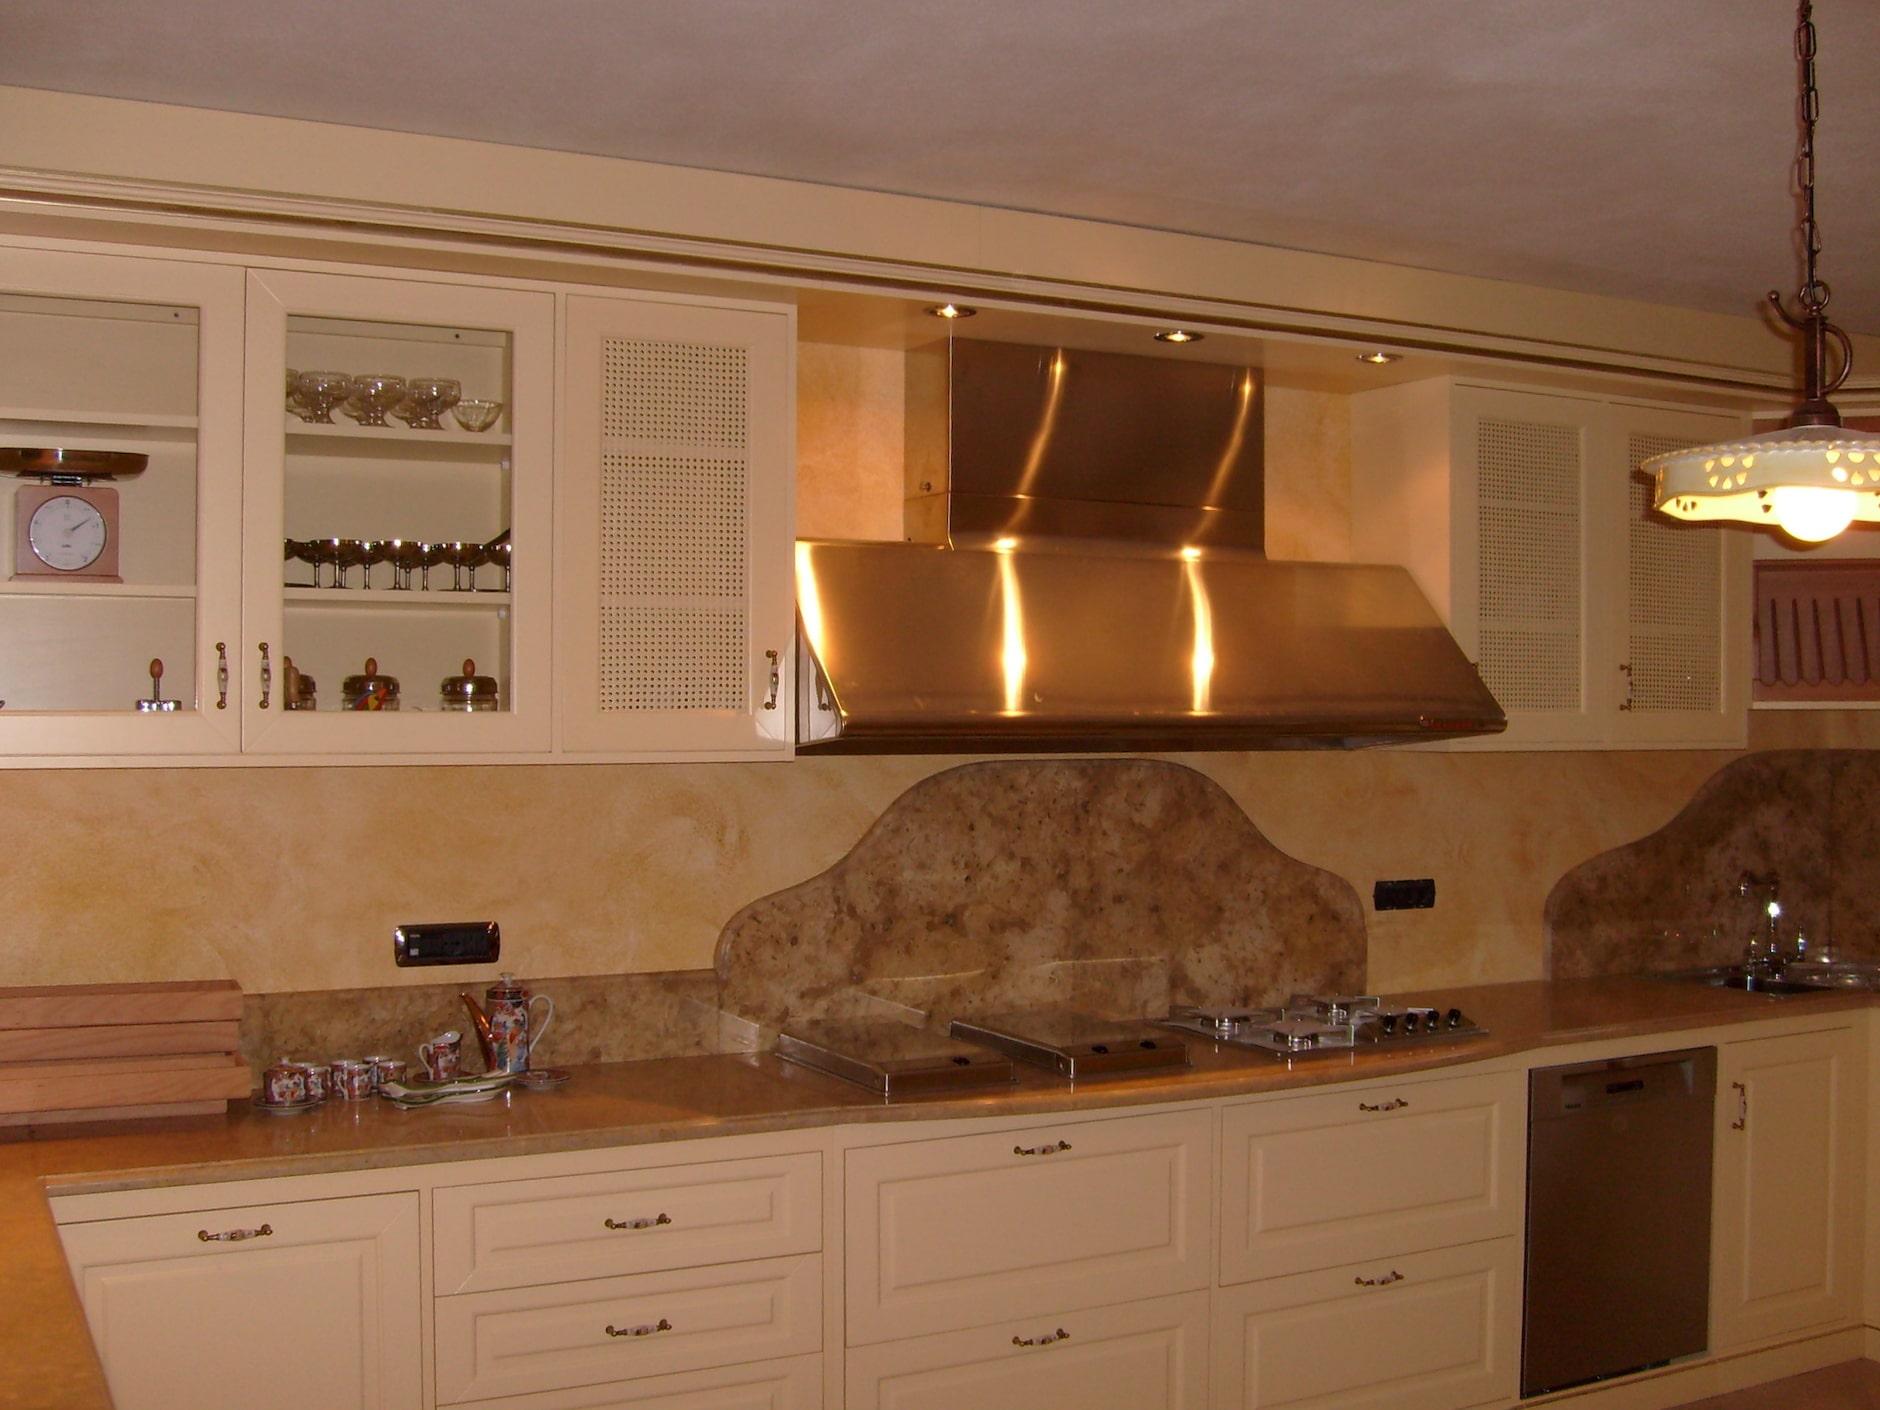 Cucina su misura stile classico in legno massello laccato